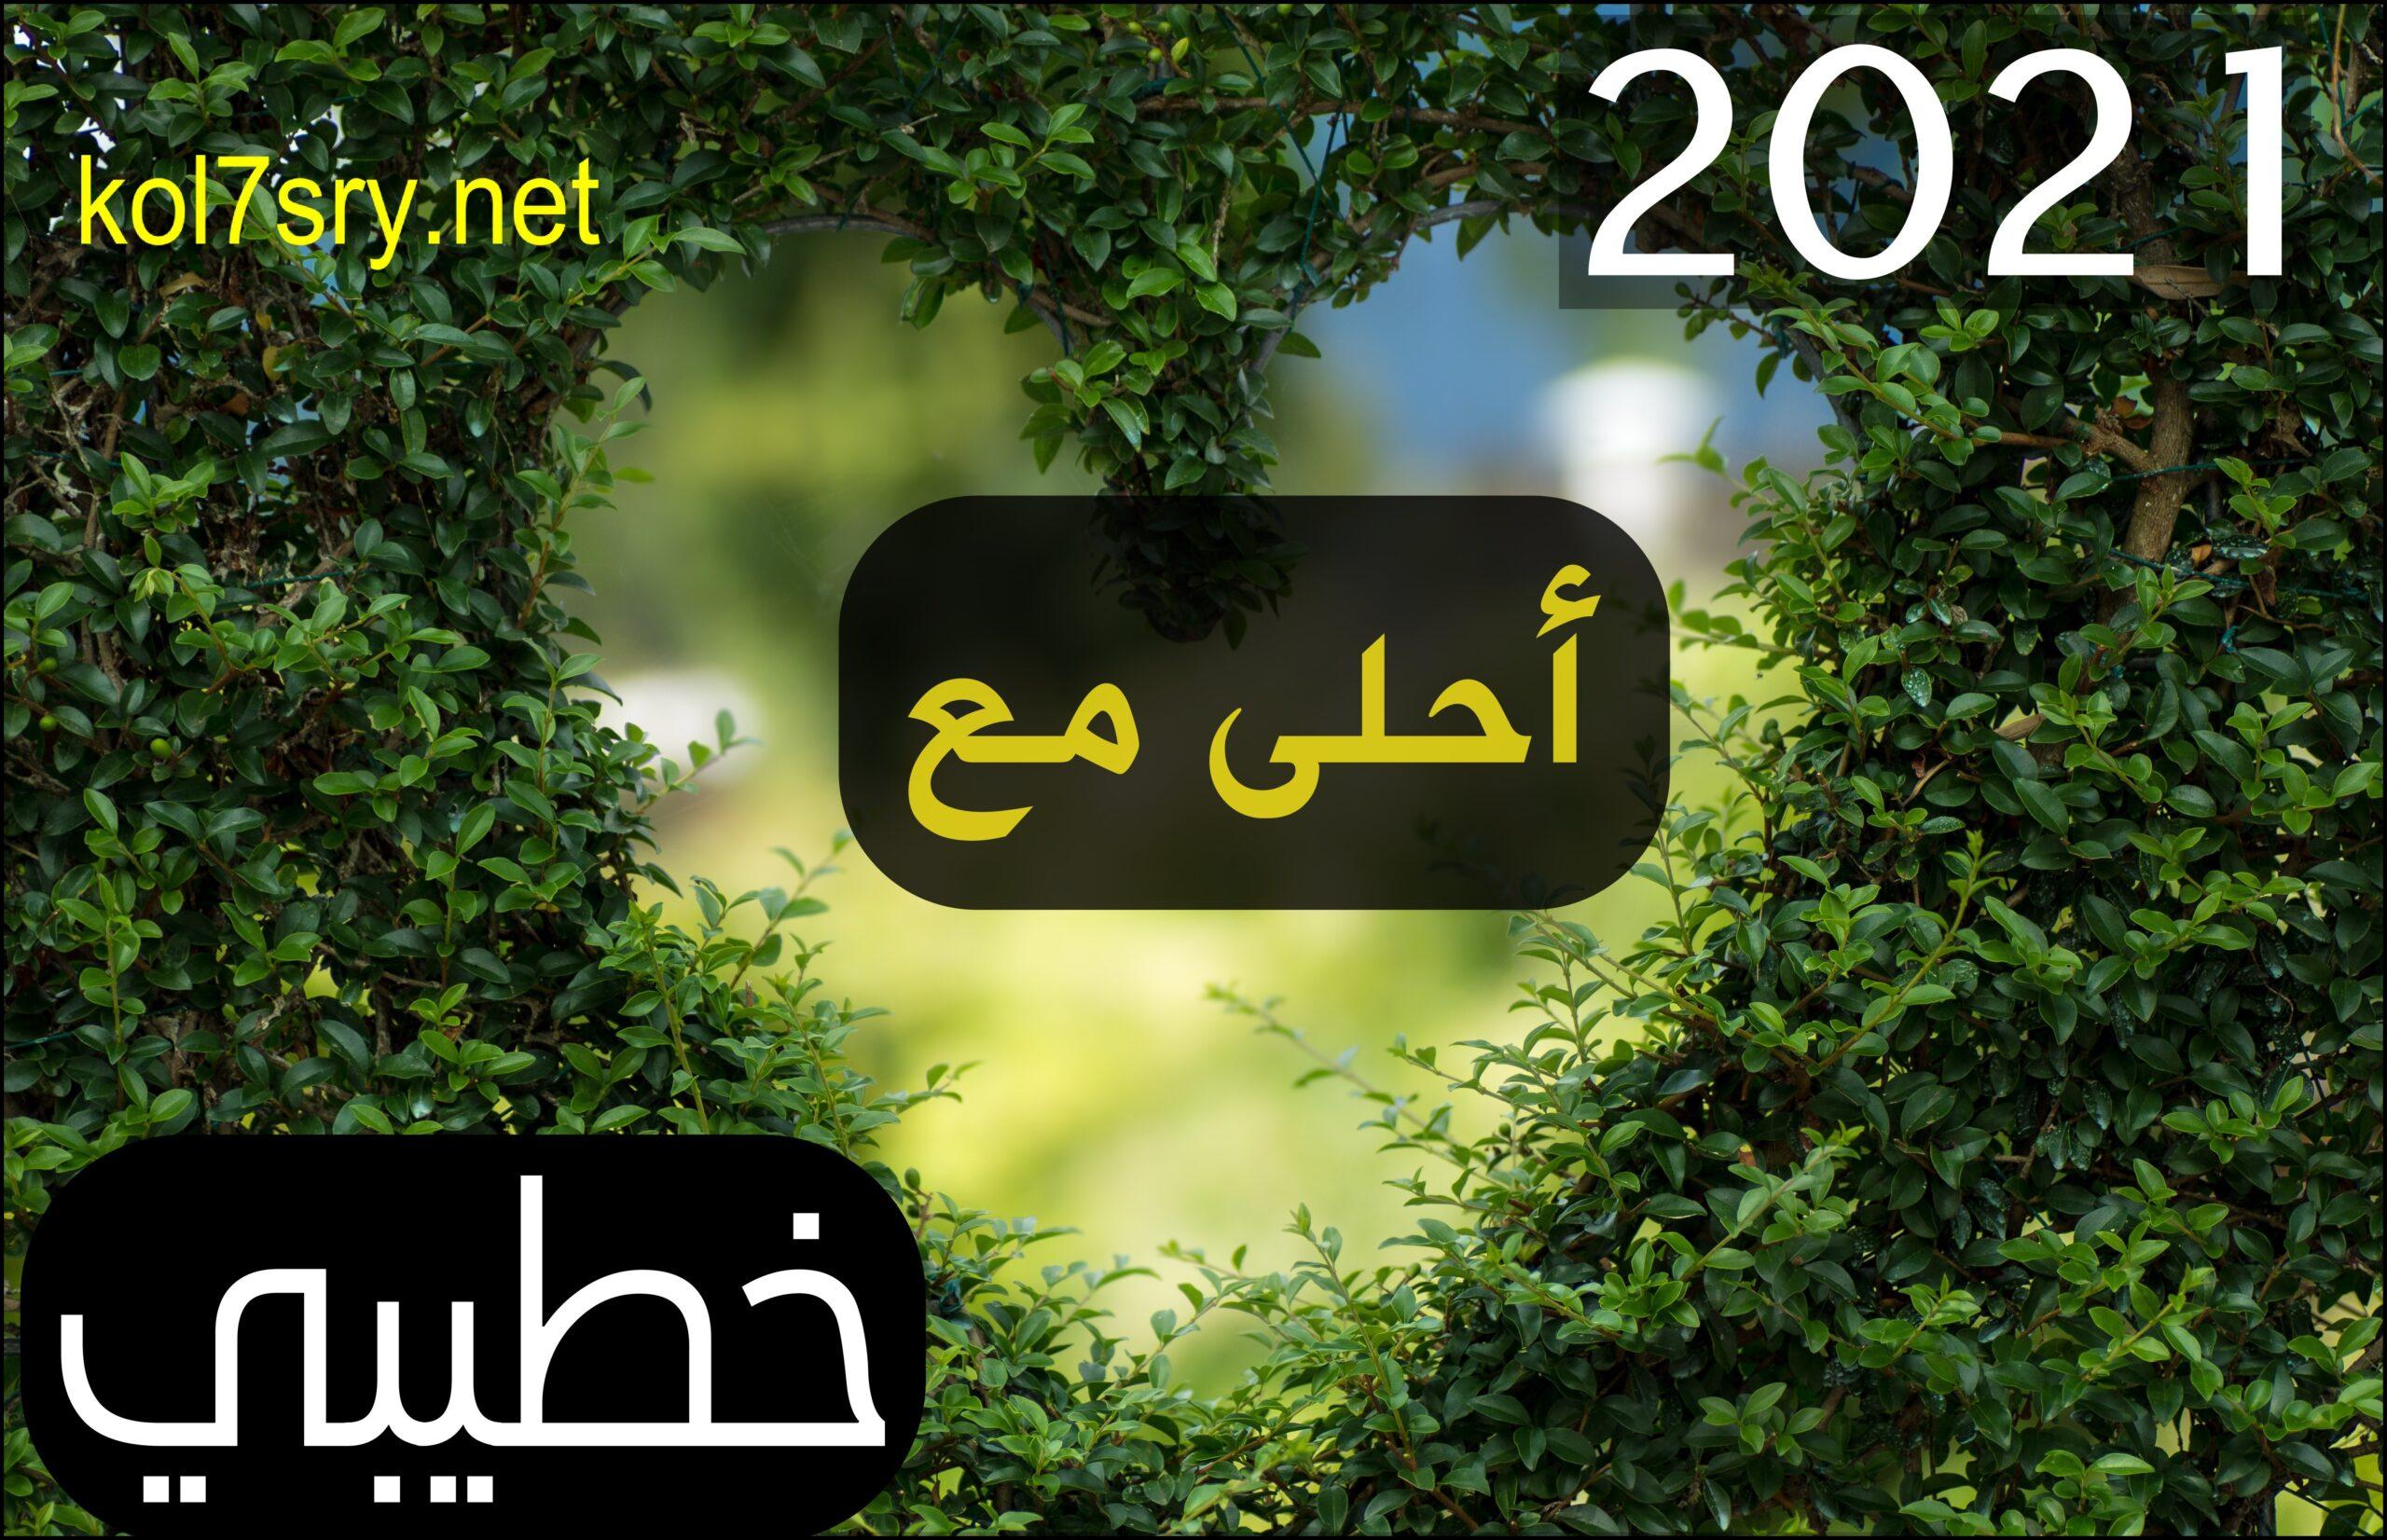 2021 أحلى مع اسمك أجمل 40 صورة HD لعام 2021 احلى مع مجانا اطلب التصميم بالتعليقات 28